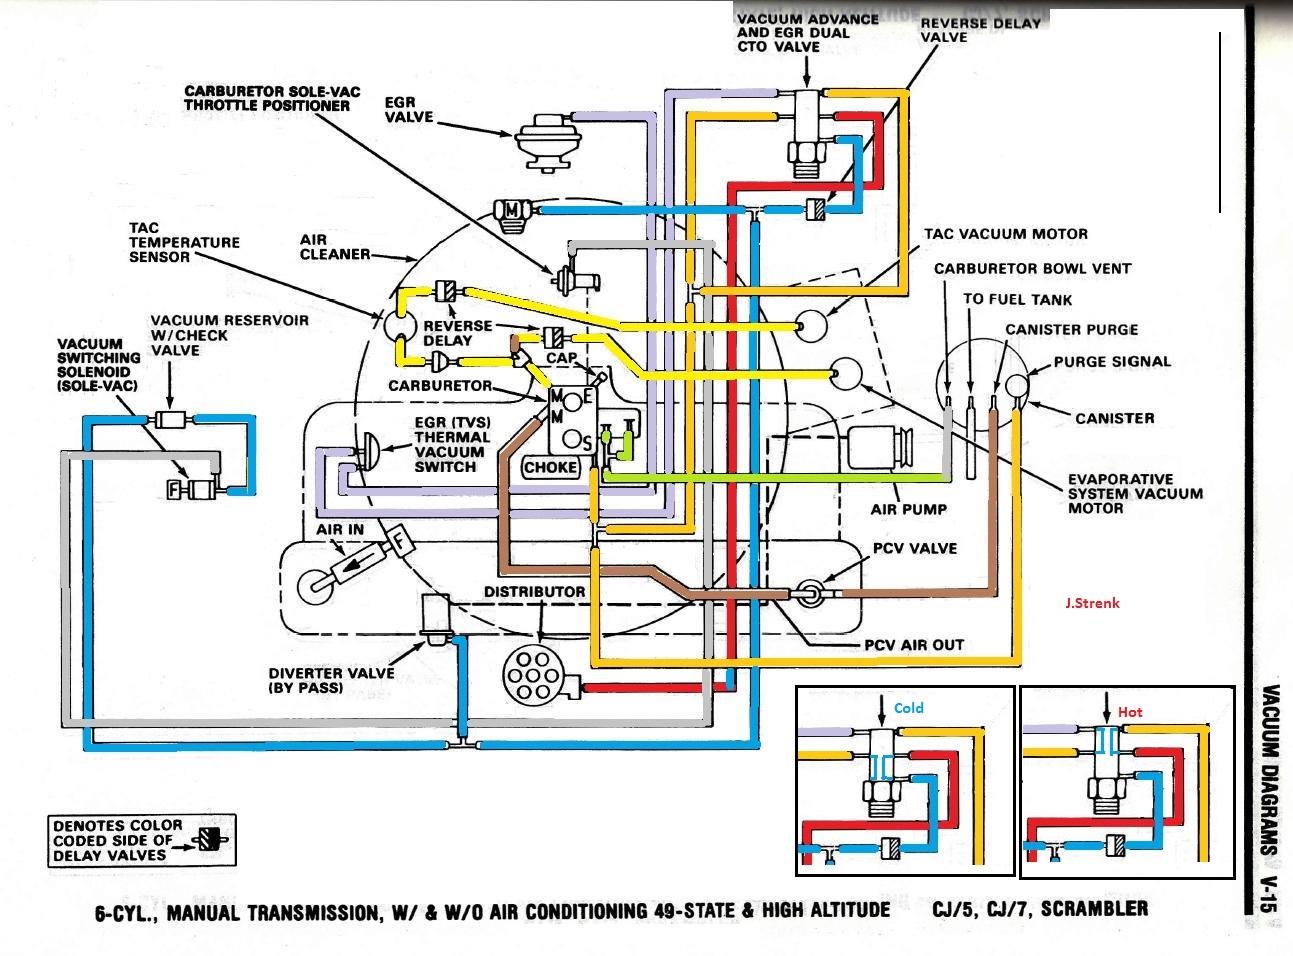 82vacuumdiagram.jpg